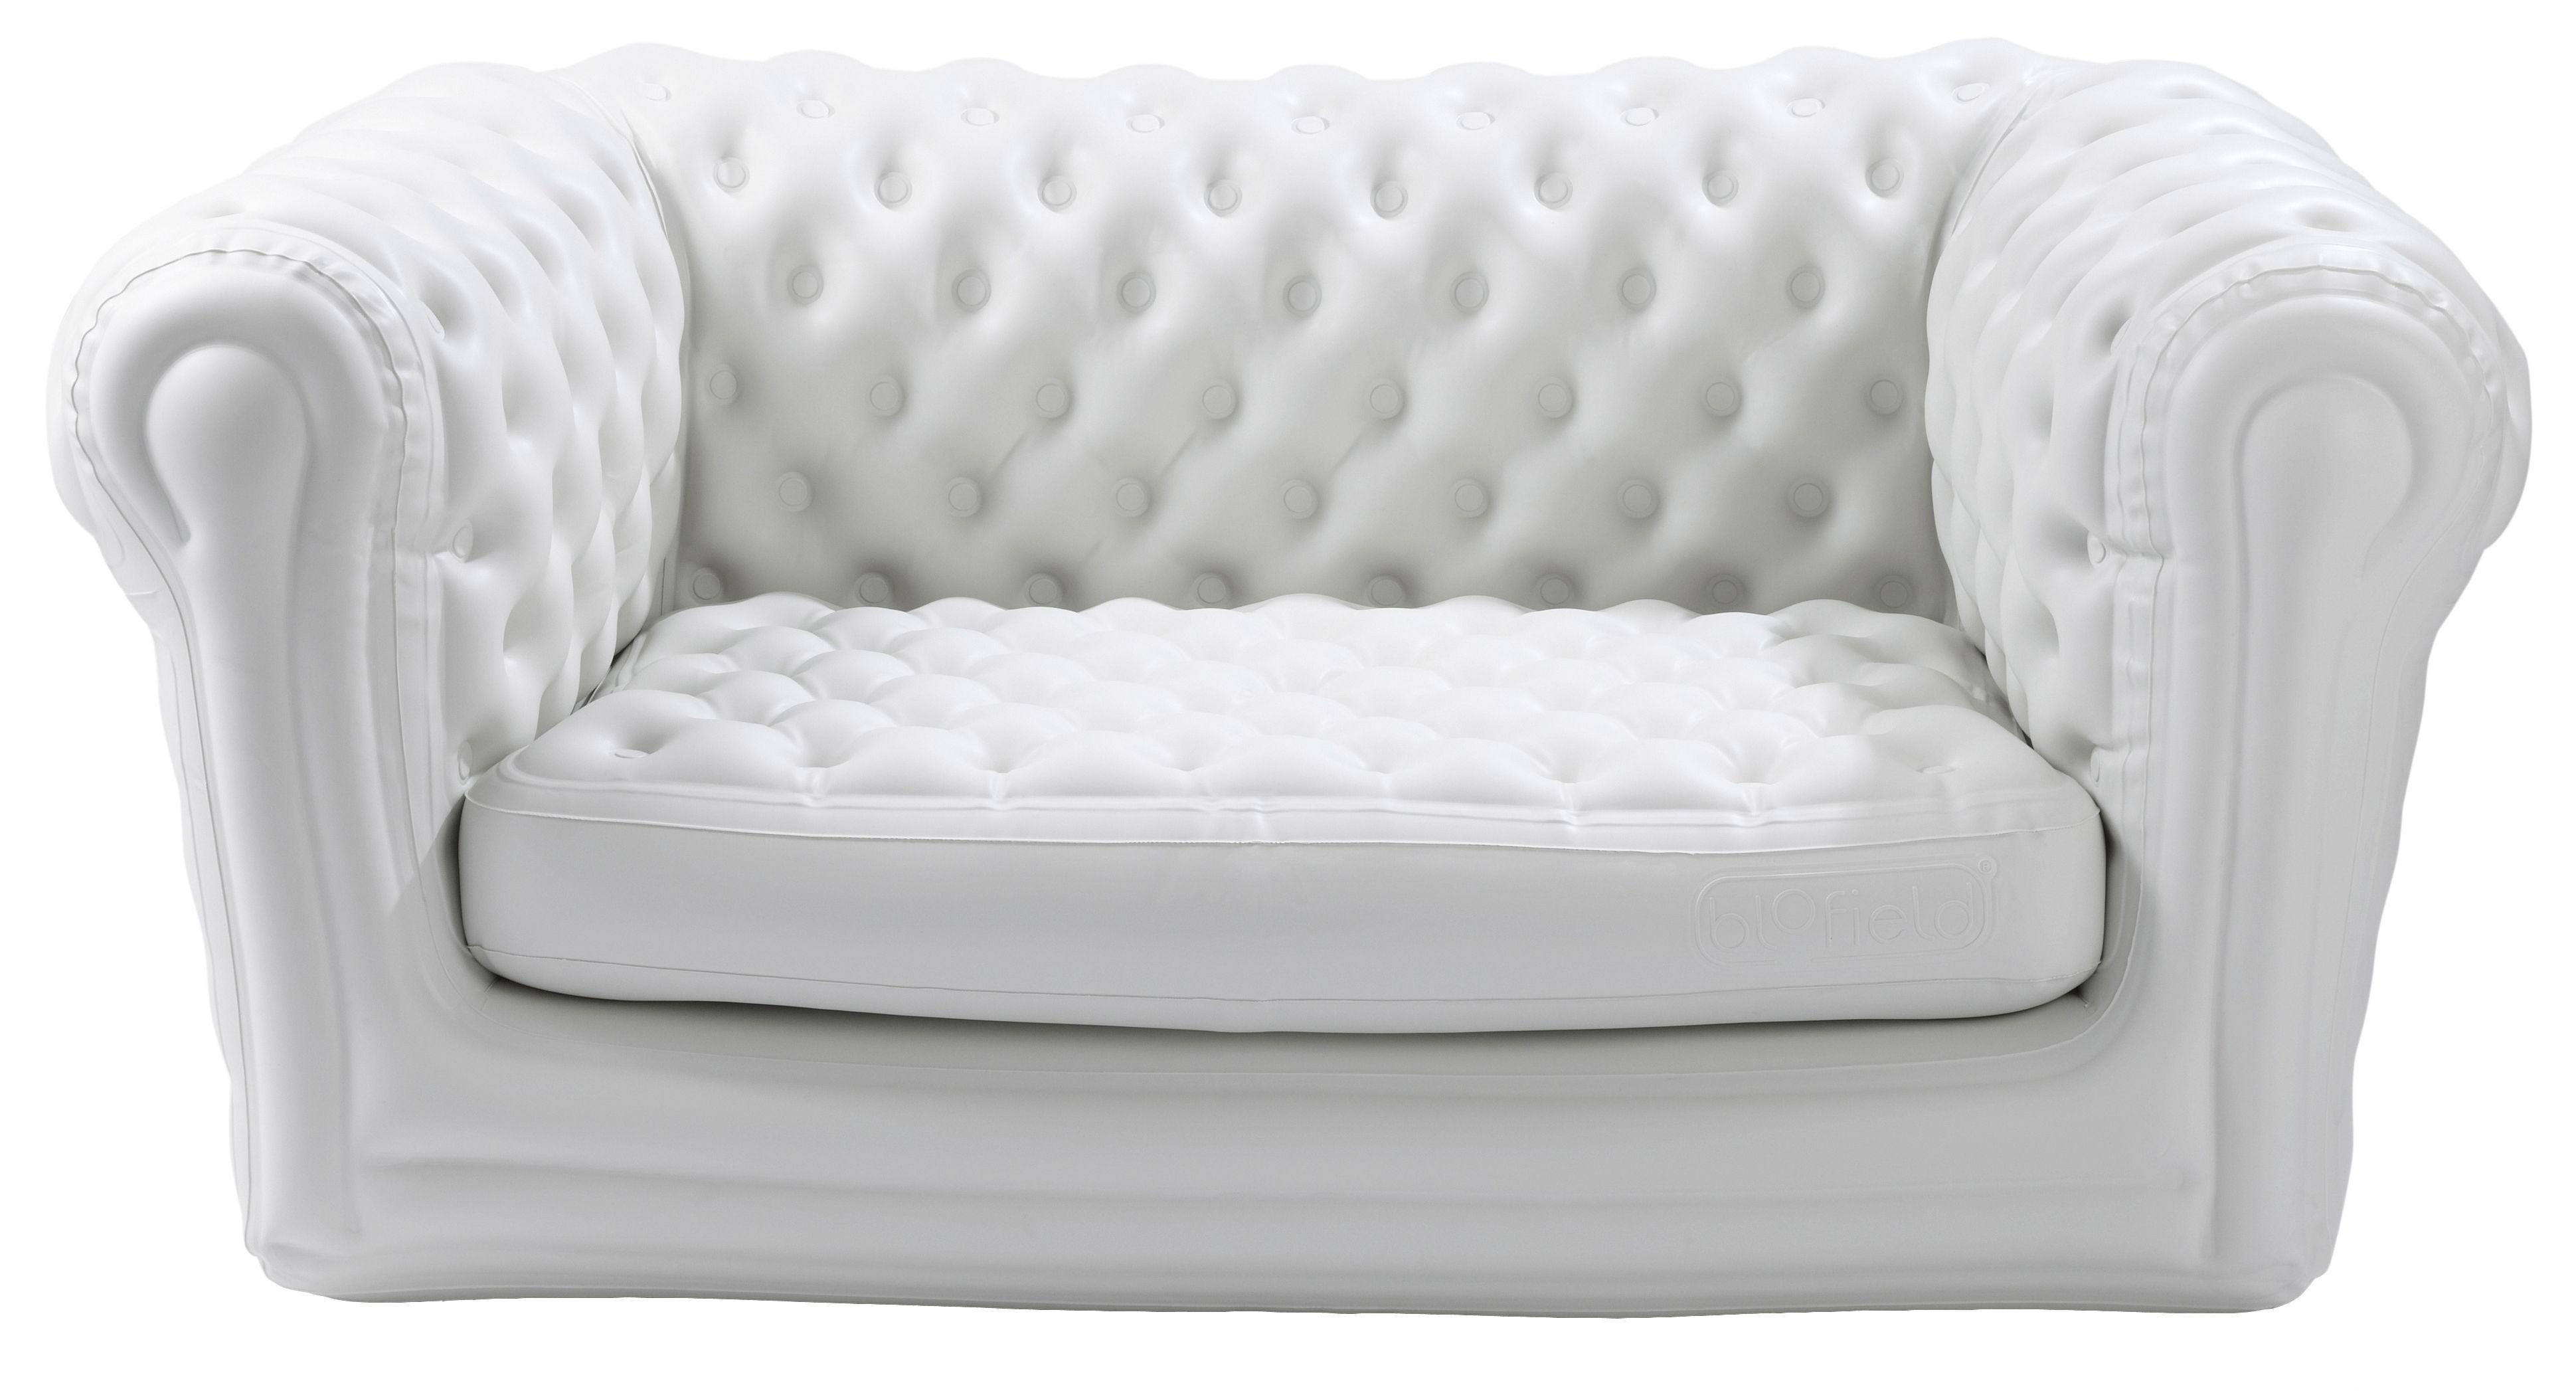 Arredamento - Divani moderni - Divano destro Big Blo 2 - Gonfiabile - 2 posti di Blofield - Bianco - Nylon, PVC